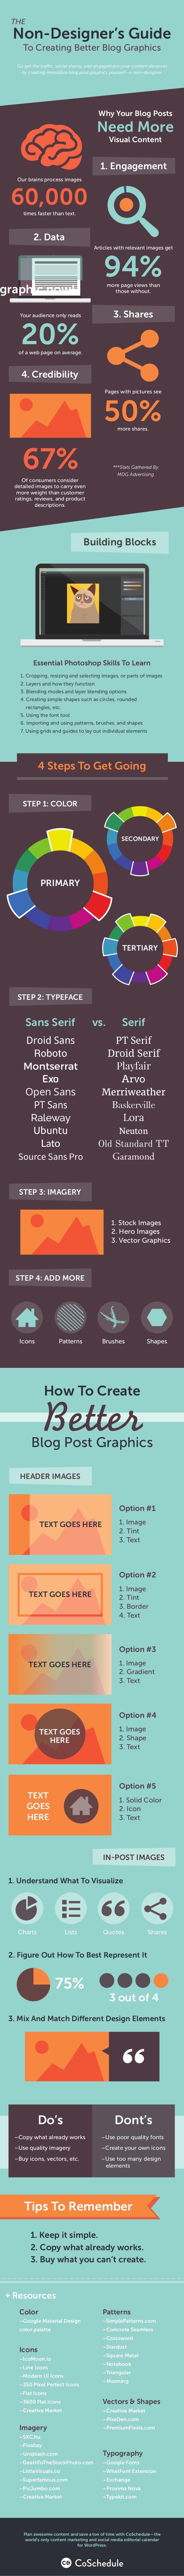 Guía sobre imágenes para tu Blog para no diseñadores